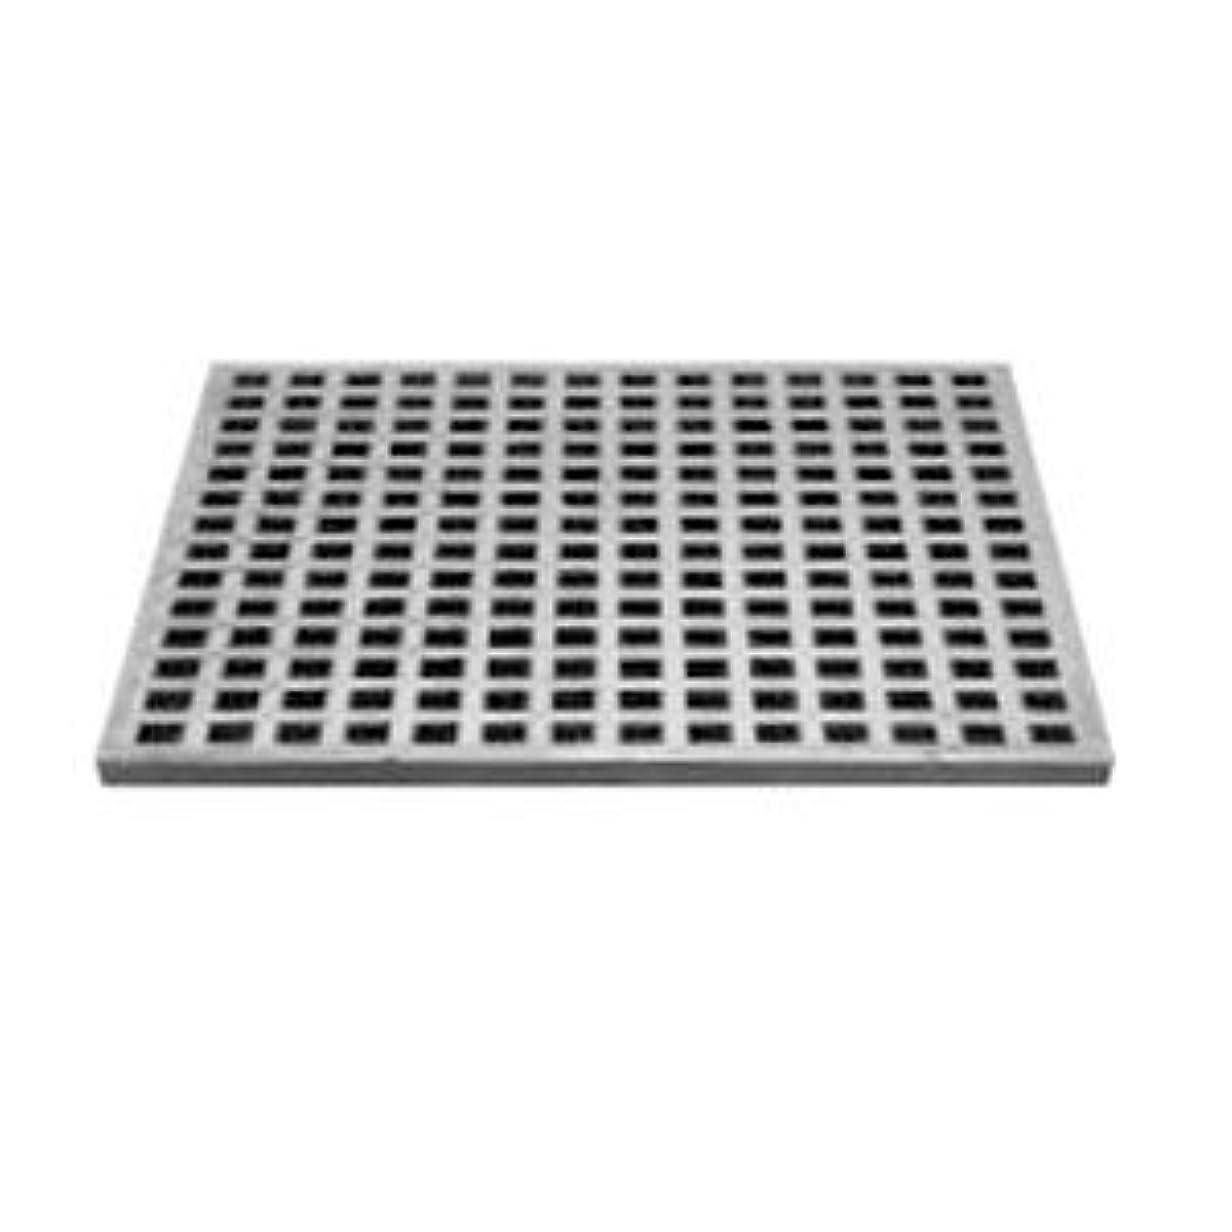 マトロン迷路適切なカネソウ 鋳鉄製みぞ蓋 格子タイプ 正方形 450角×H15mm メーカー直送 代引不可 GA-450kakuH15